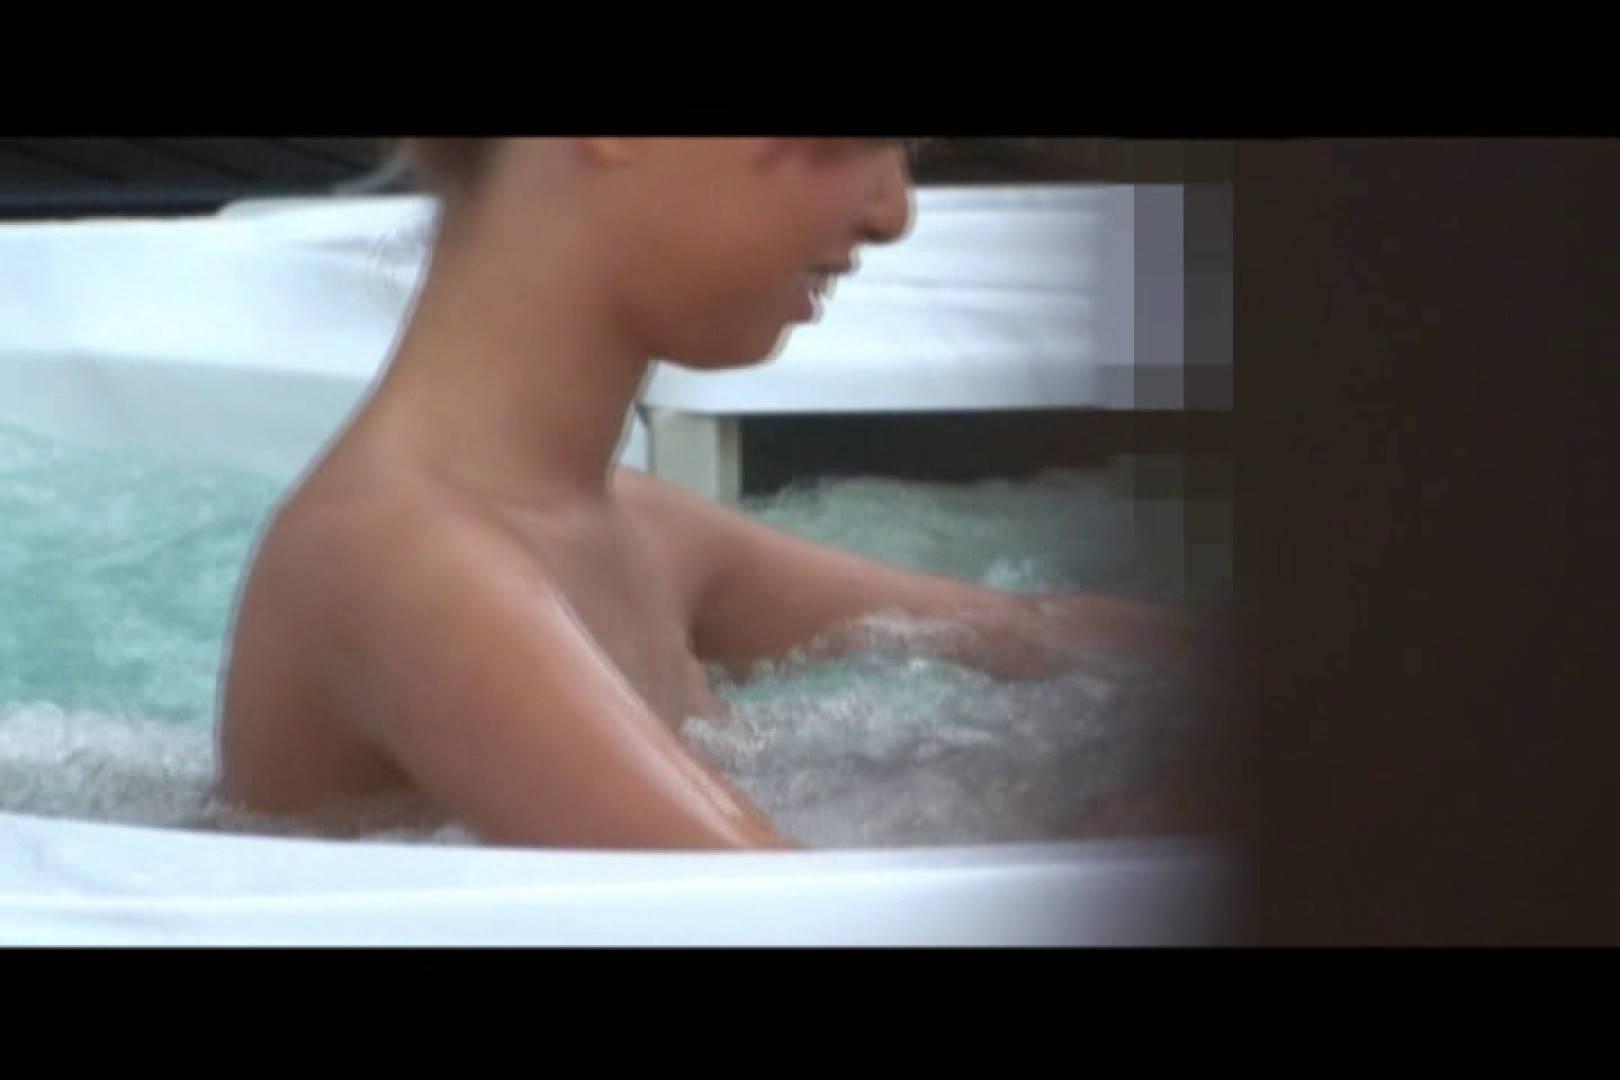 貸切露天 発情カップル! vol.05 露天風呂の女子達 | カップル  85画像 17